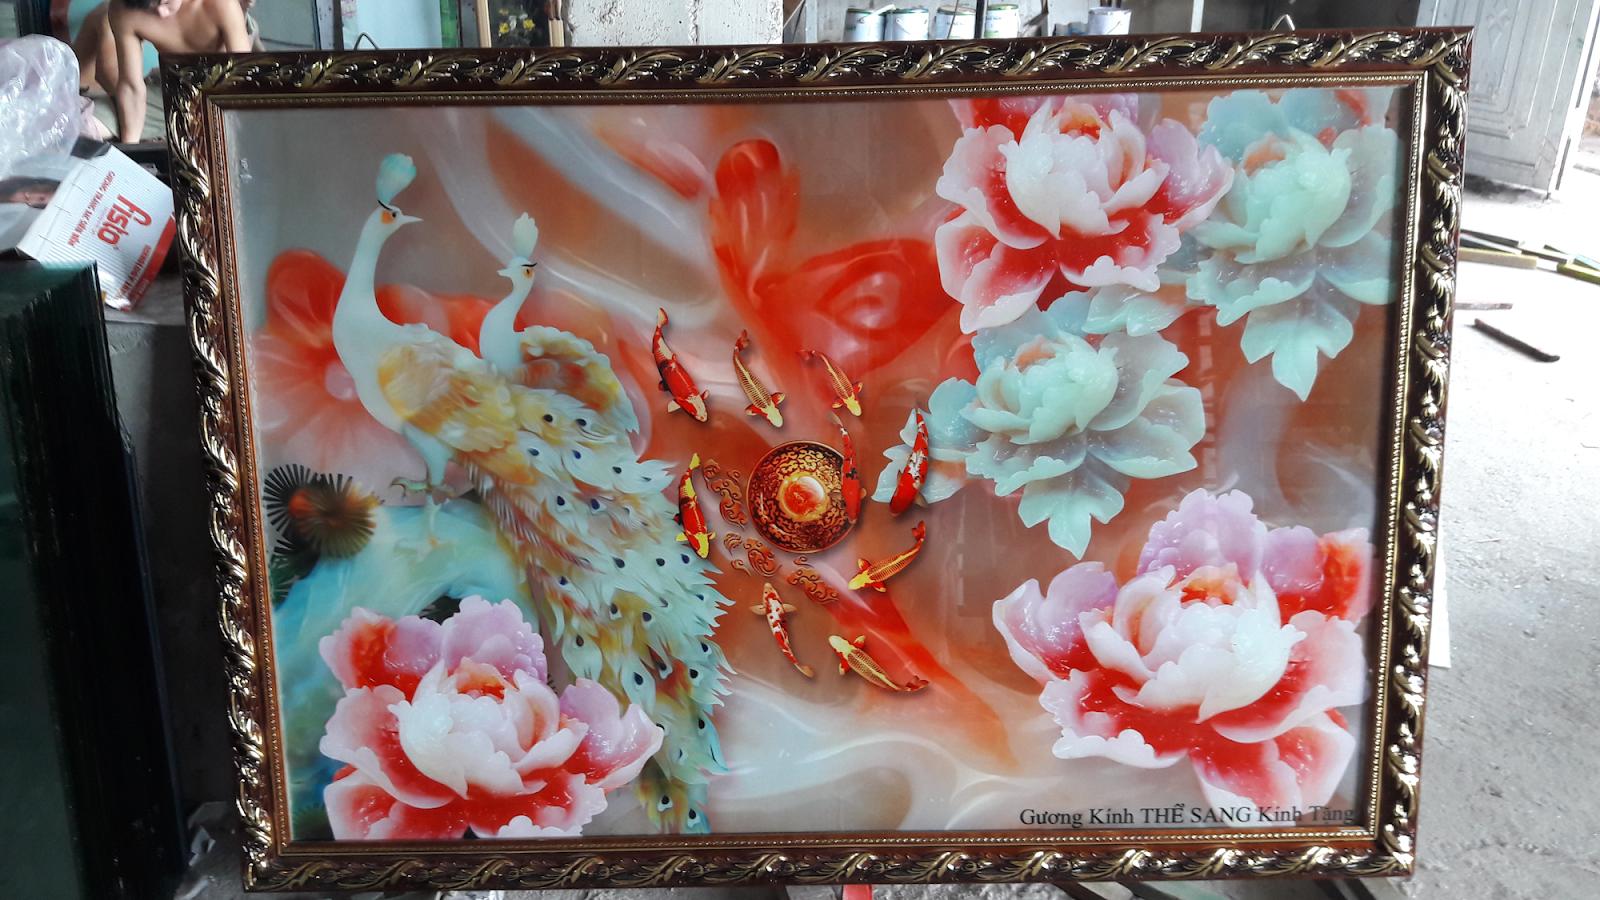 Shop tranh ảnh nghệ thuật chất liệu gương kính cao cấp, vải canvans, mica